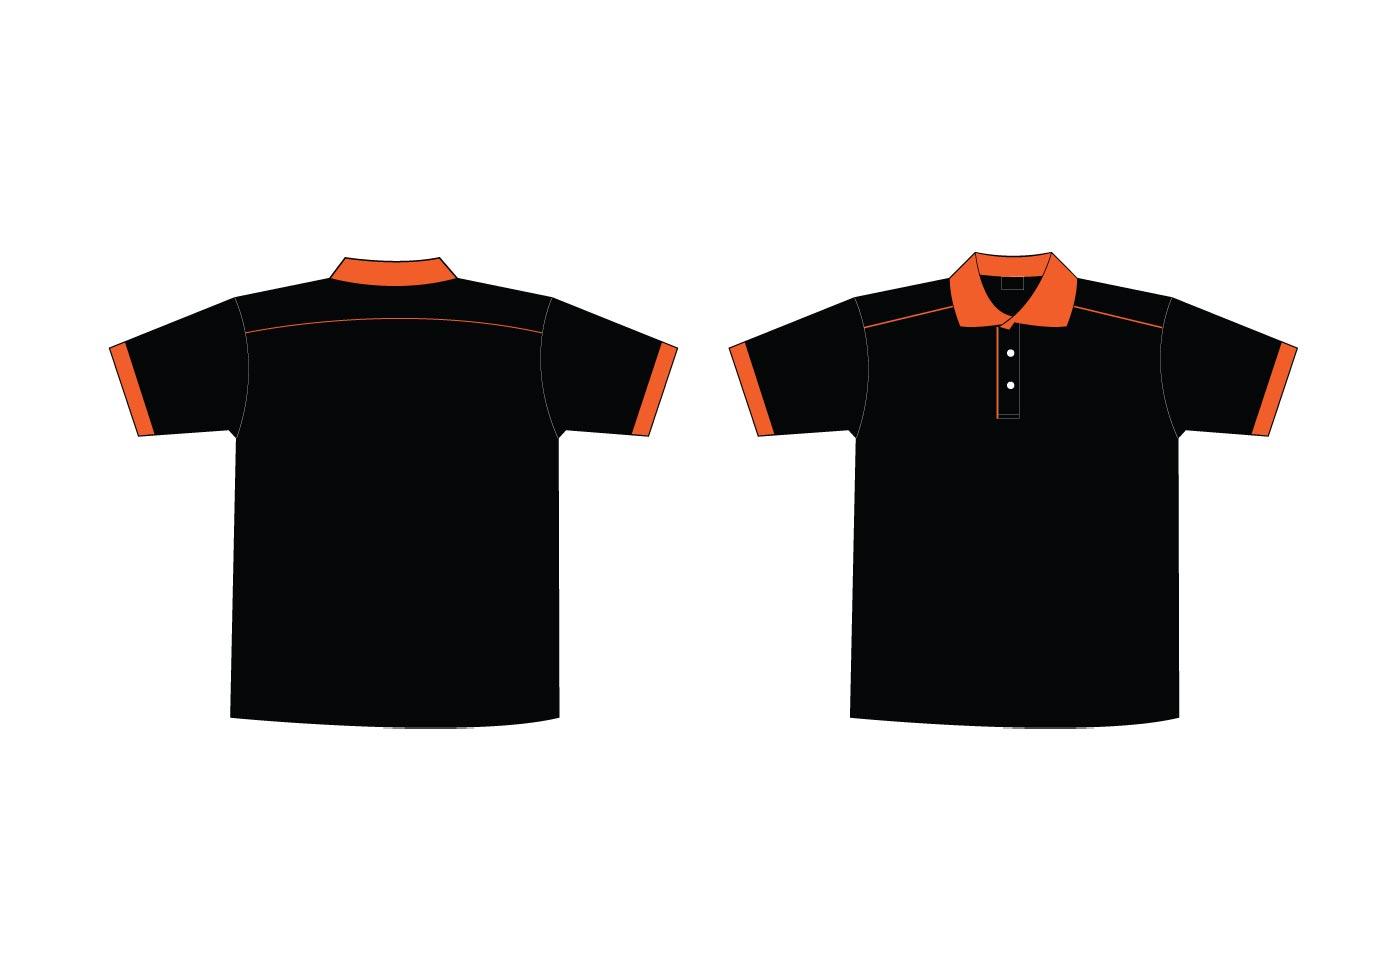 Collar t shirt free vector art 1666 free downloads maxwellsz